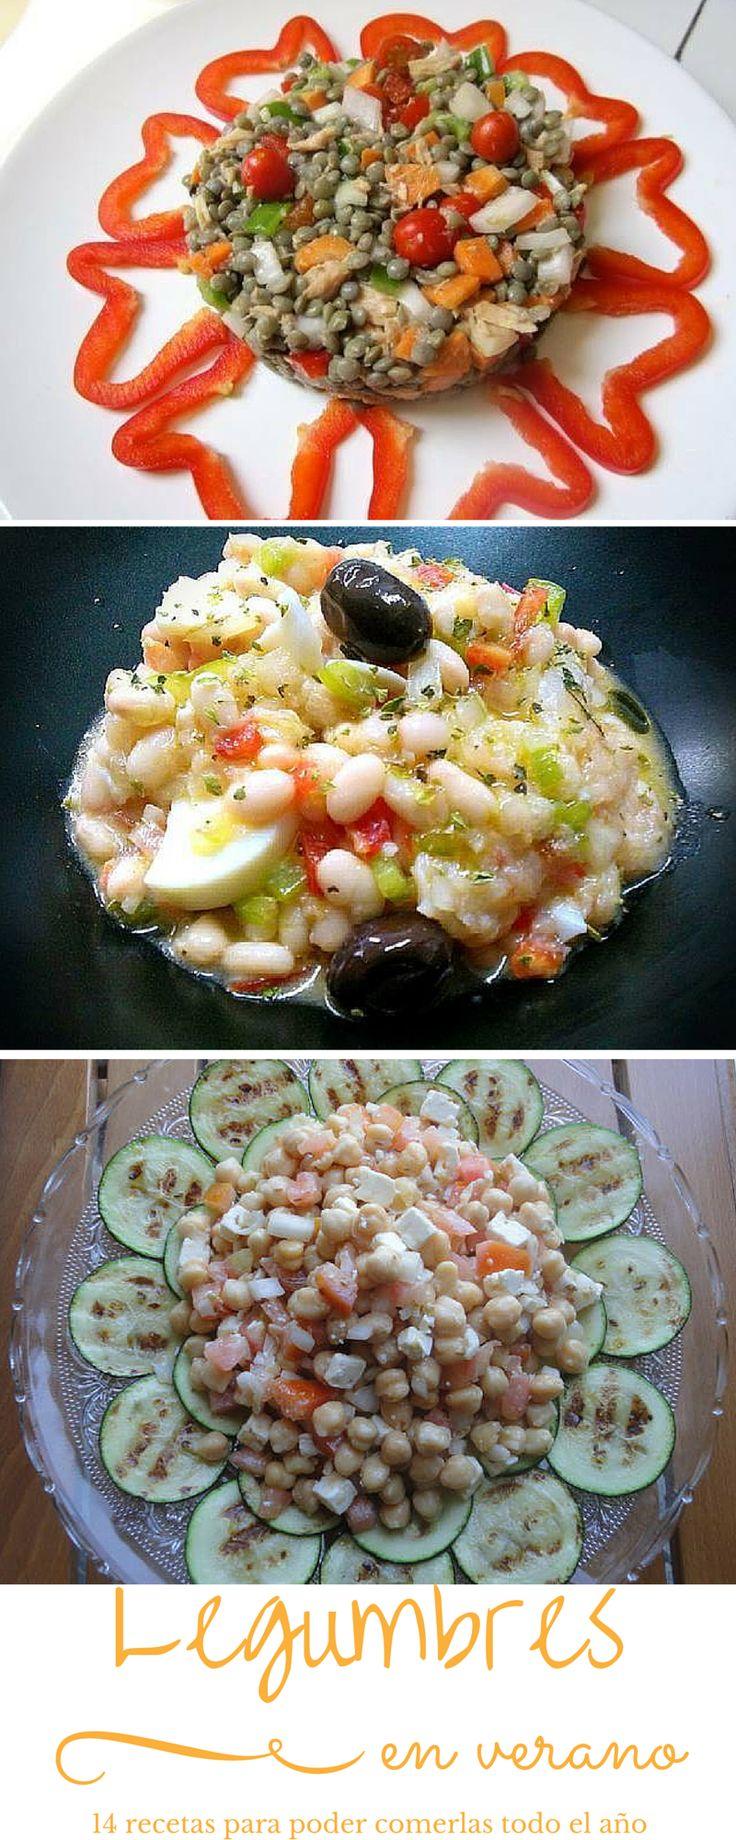 Legumbres de verano 14 ensaladas con lentejas garbanzos - Ensalada de garbanzos light ...